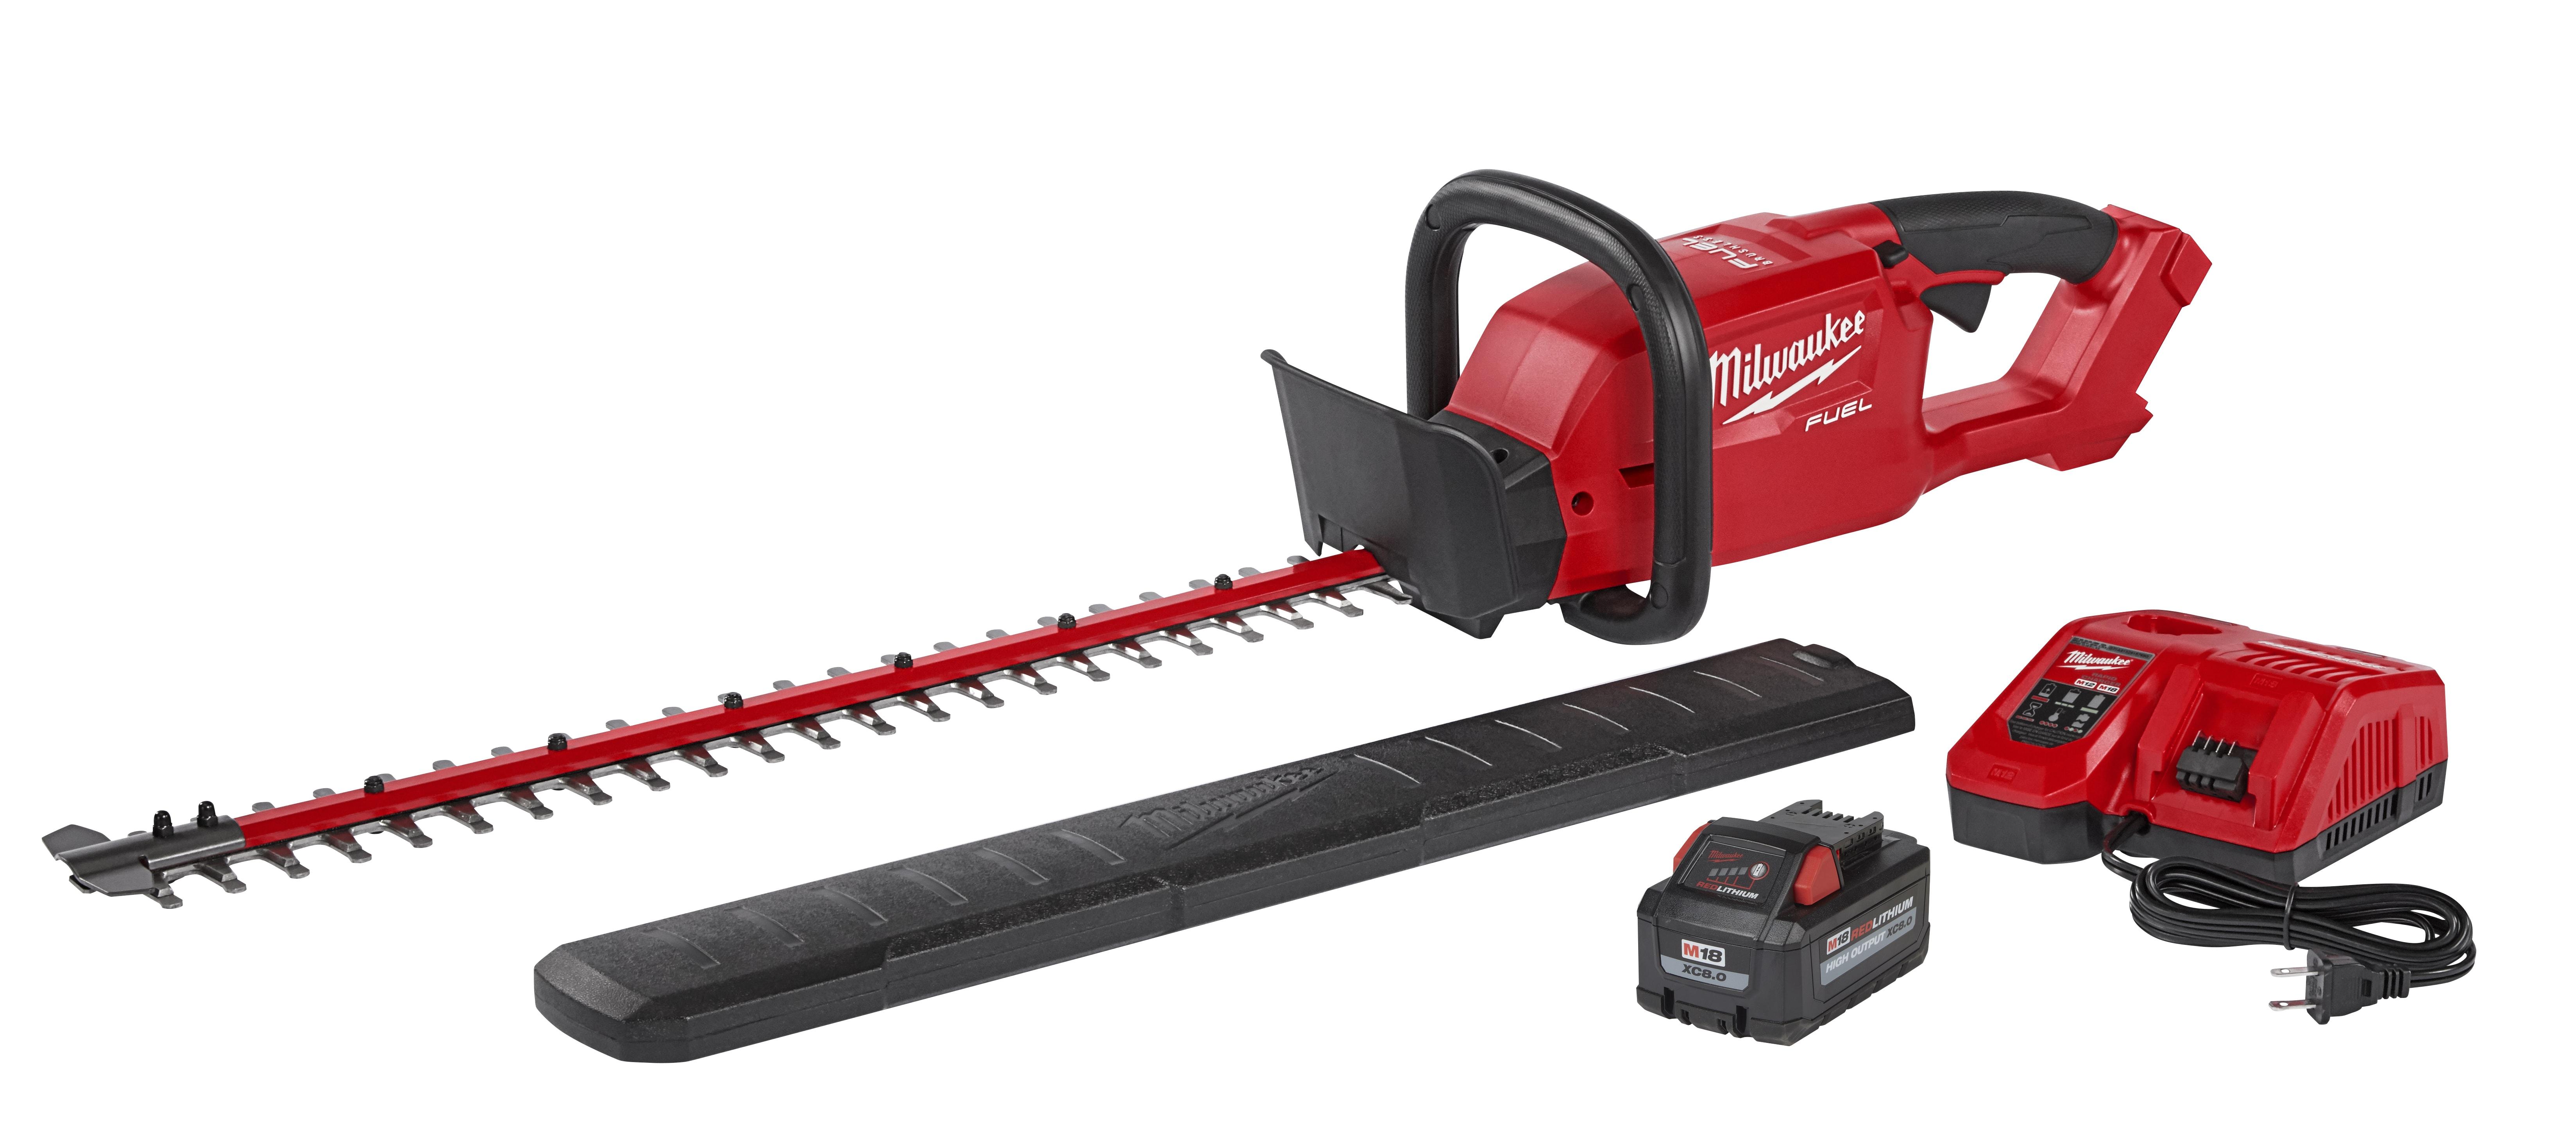 M18 Fuel Hedge Trimmer Kit